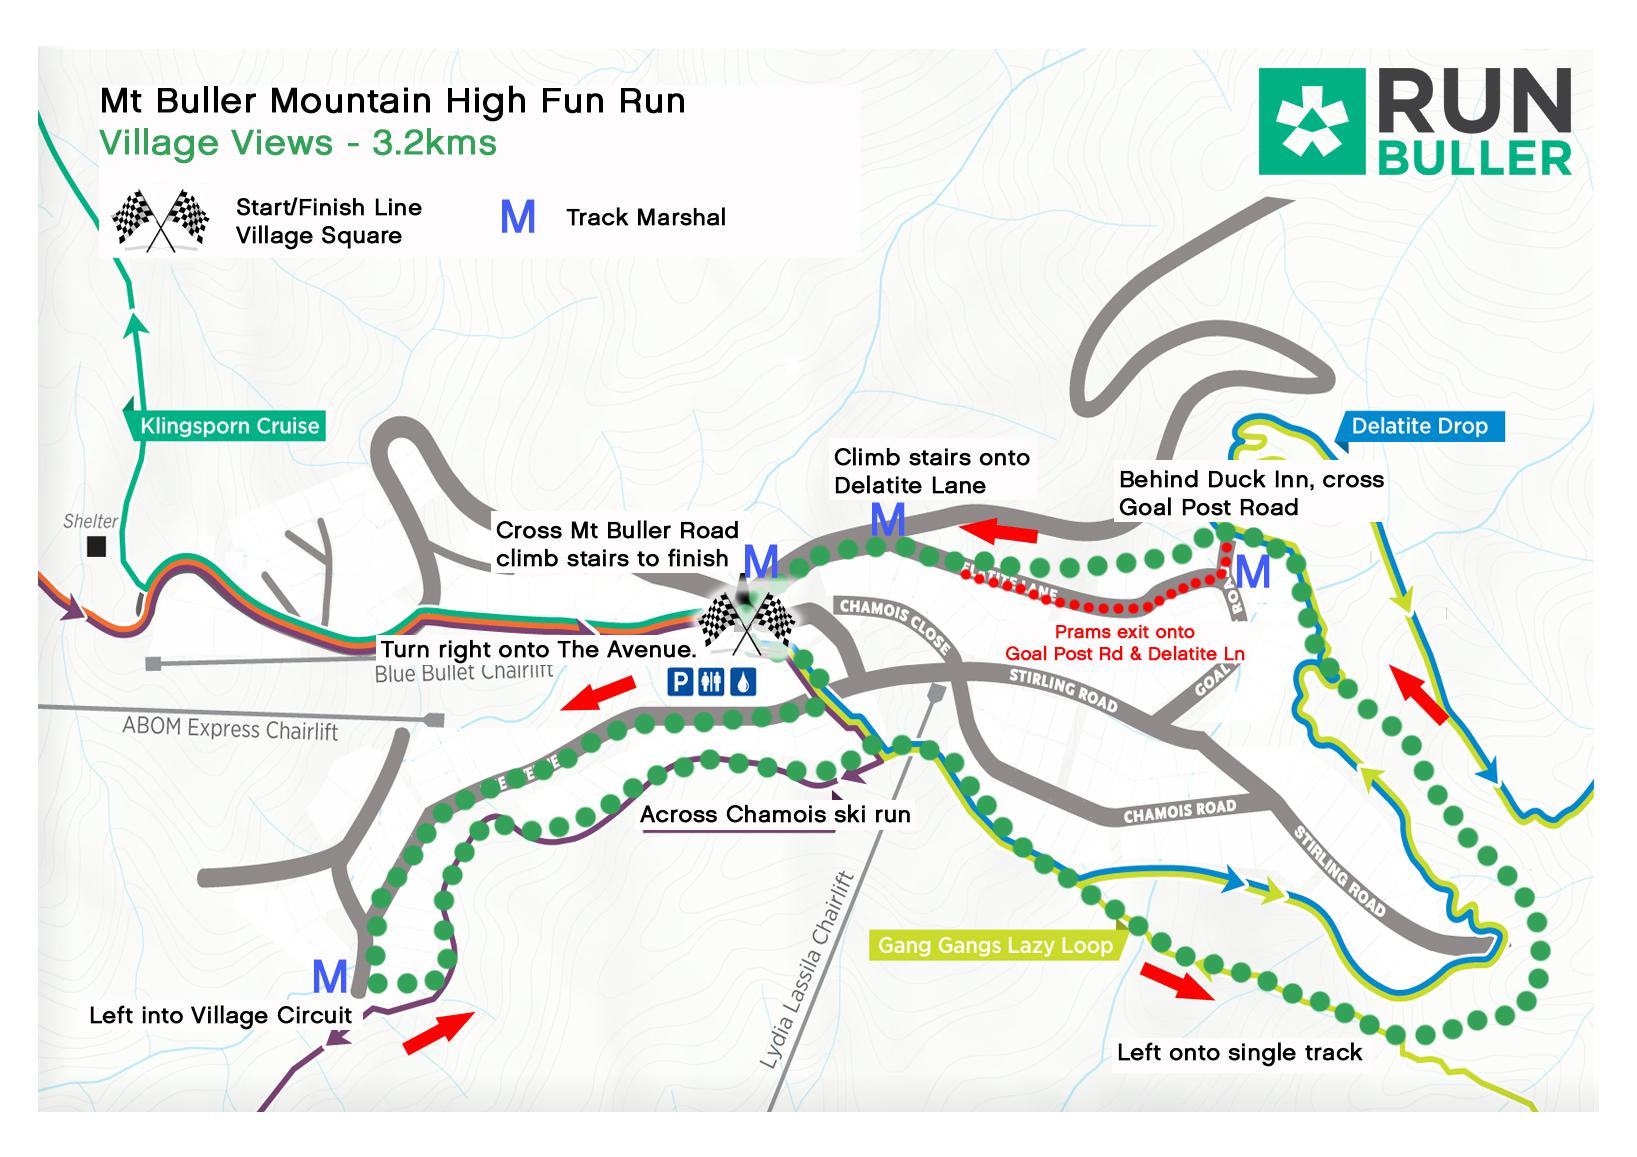 2017 Village Views course map